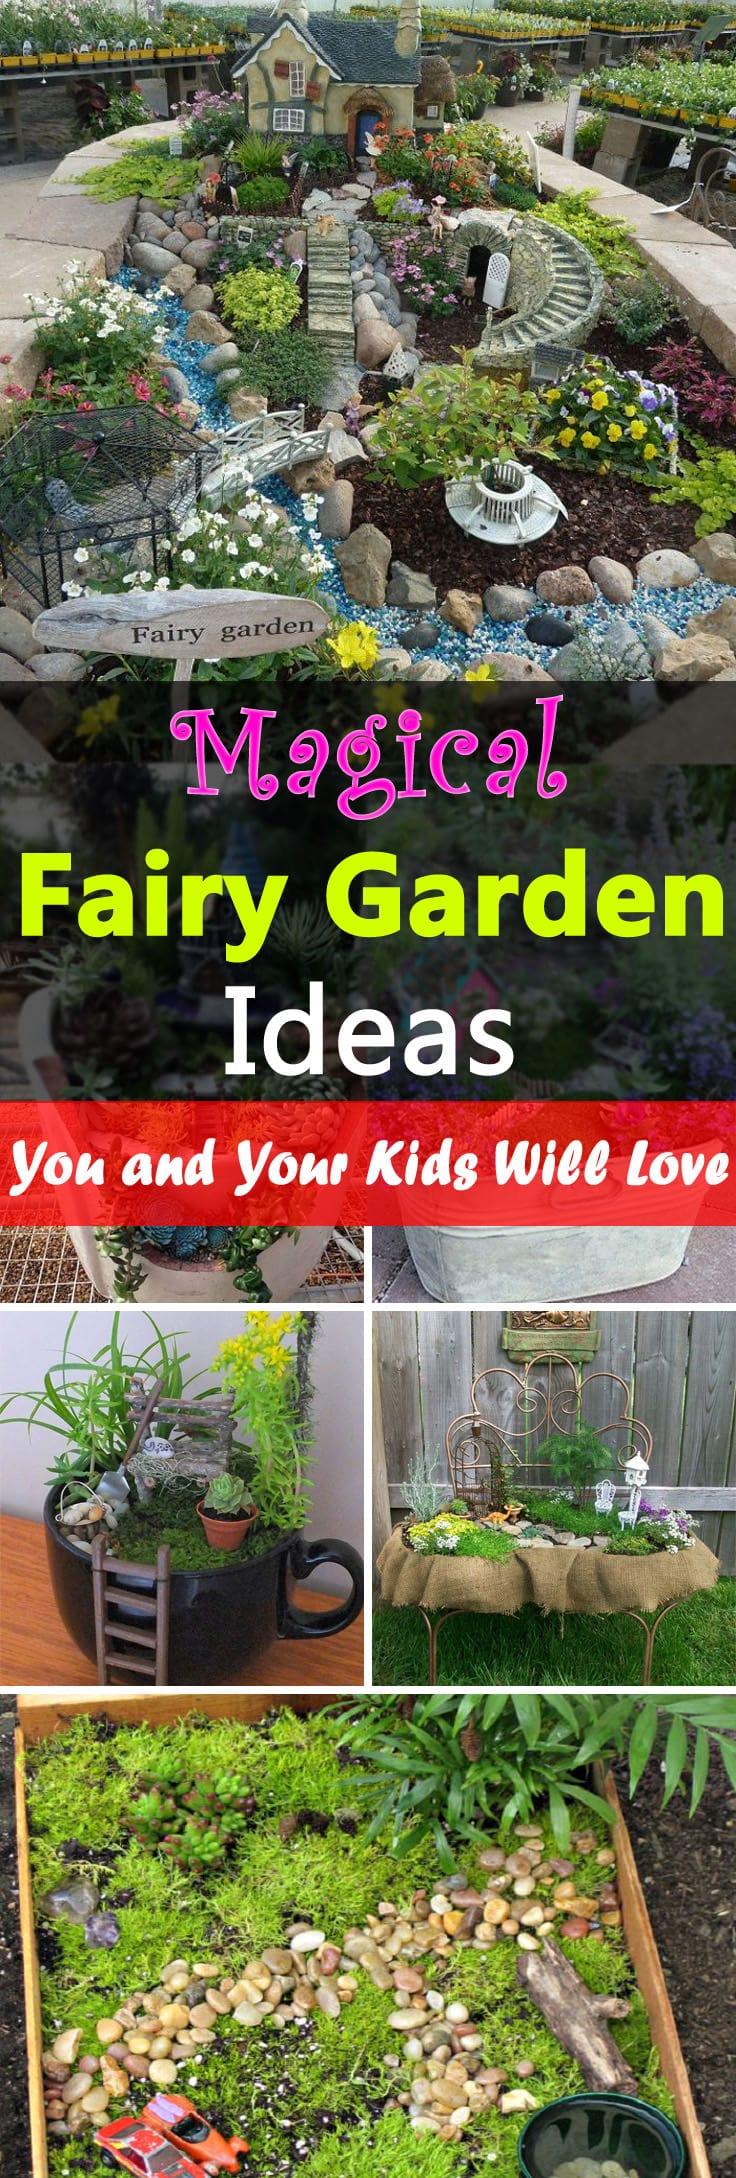 Garden Design Ideas Small Spaces: Magical Fairy Garden Ideas You & Your Kids Will Love